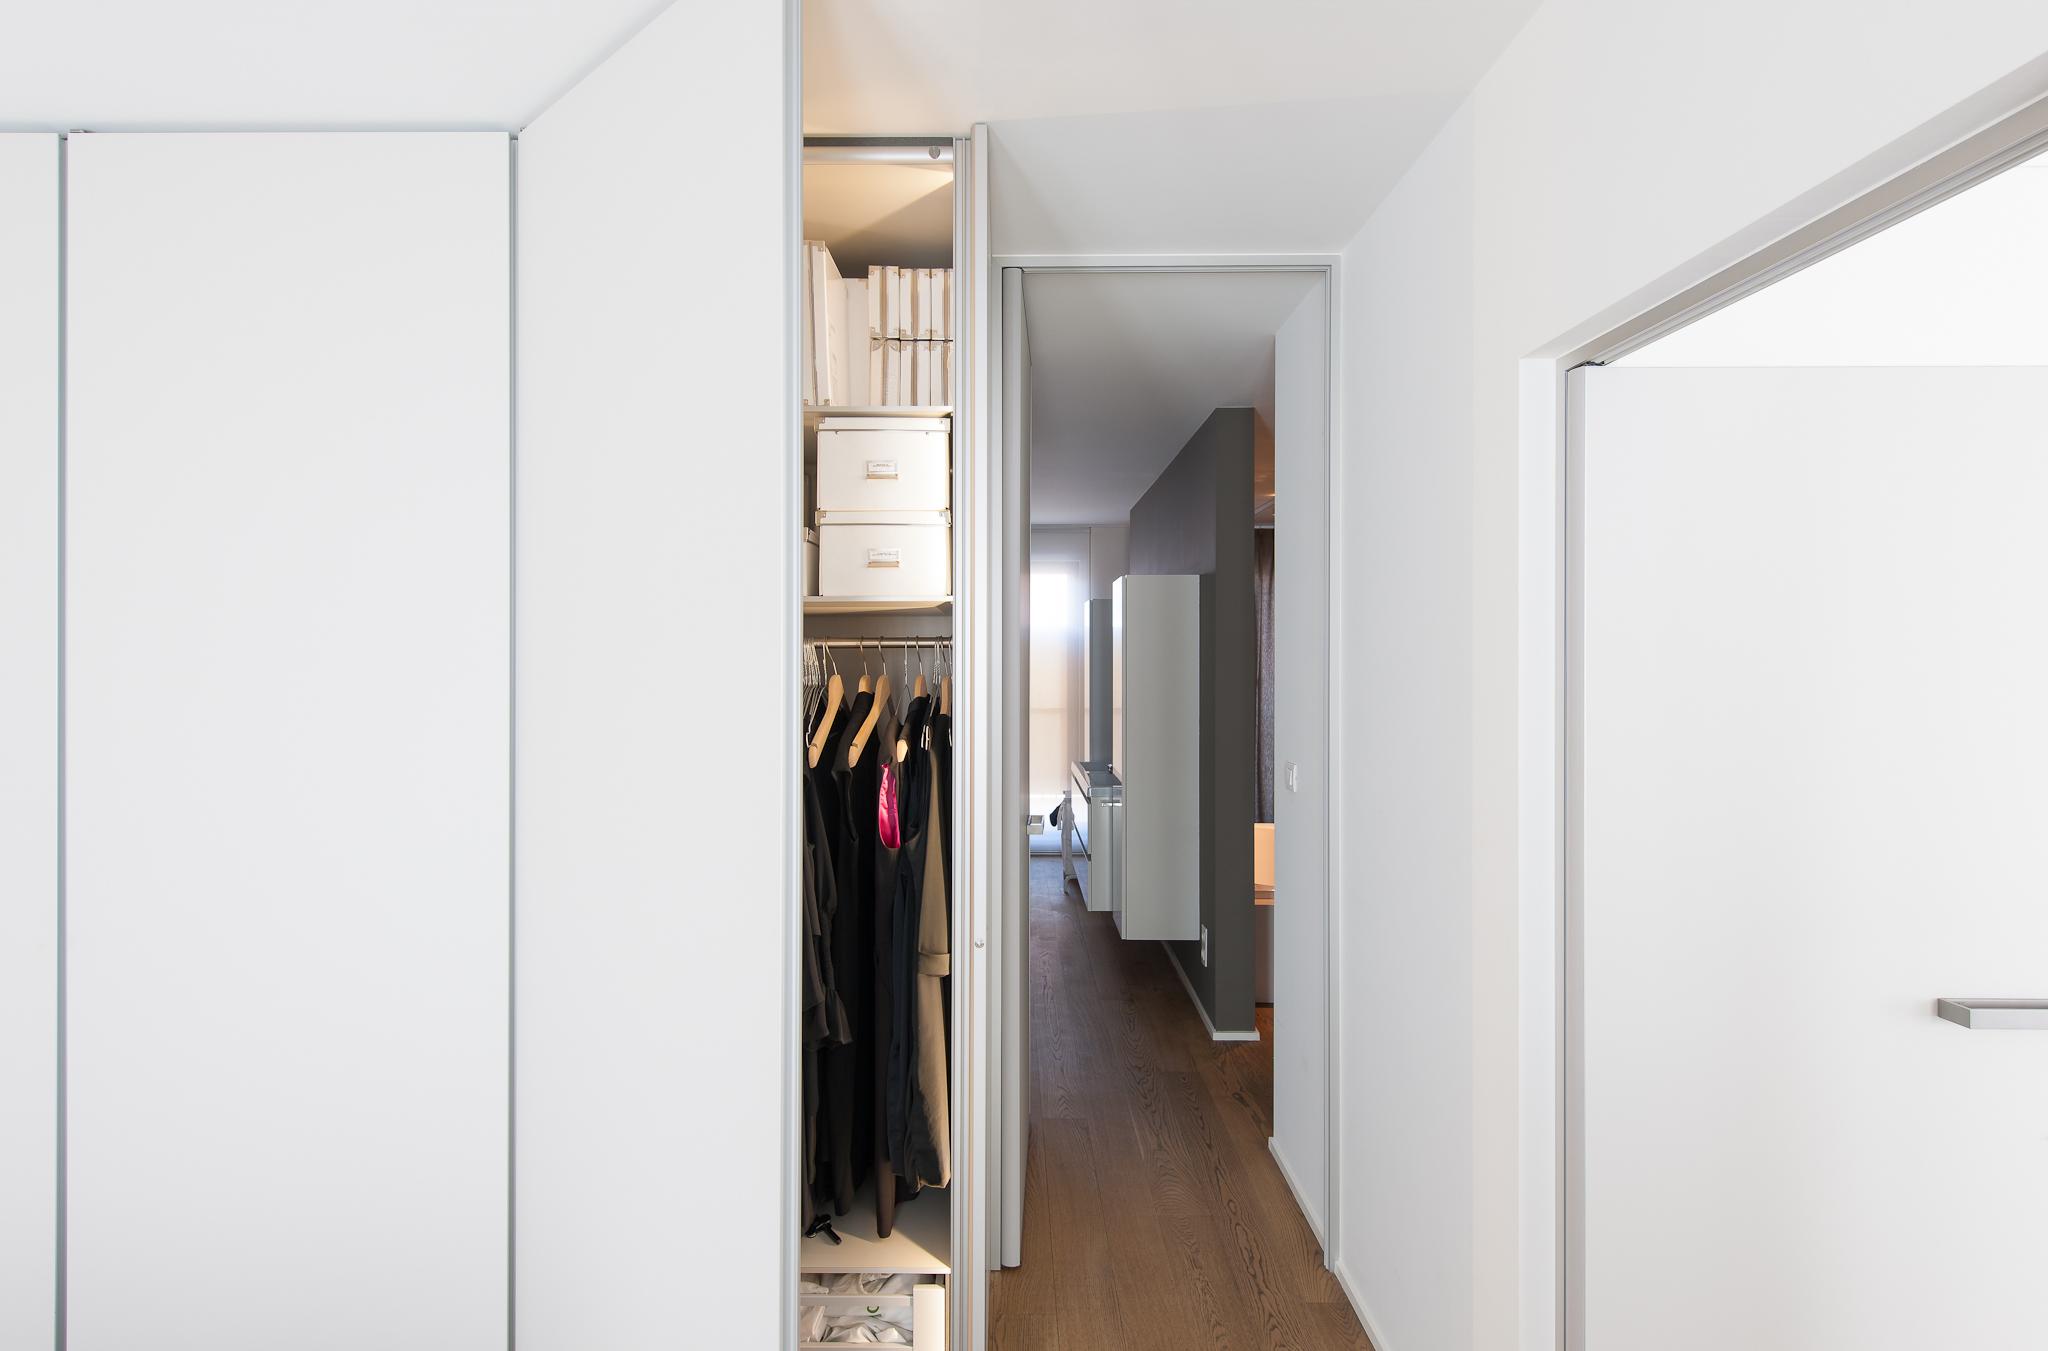 Inbouwkasten dressing op maat - Slaapkamer met badkamer en dressing ...